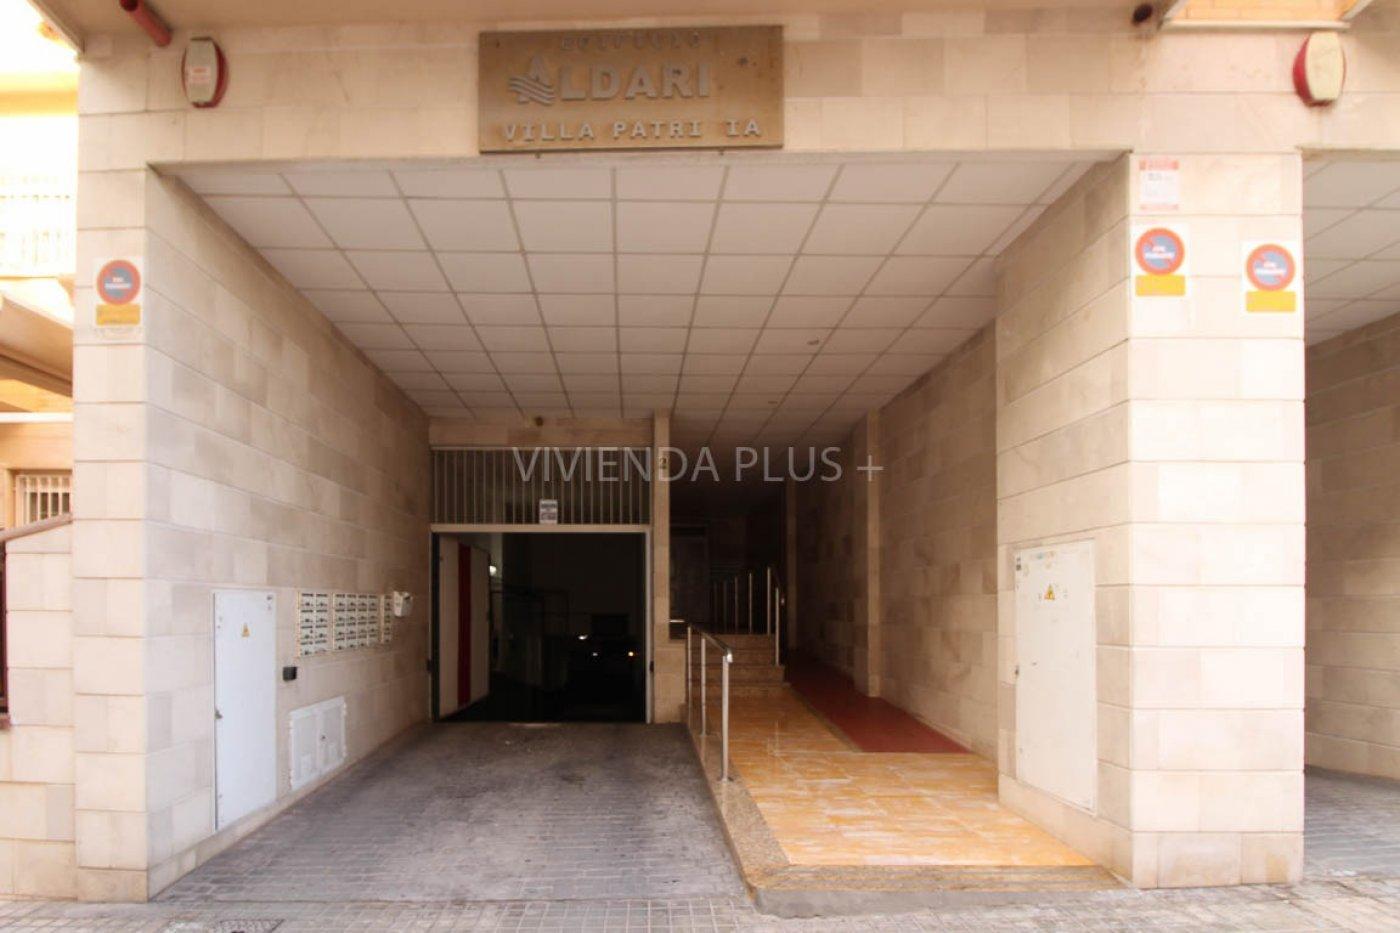 ALQUILER BUNGALOW DE 110m2 + 50 DE SOTANO, CON PLAZA DE APARCAMIENTO. INFORMESE DE CONDICIONES